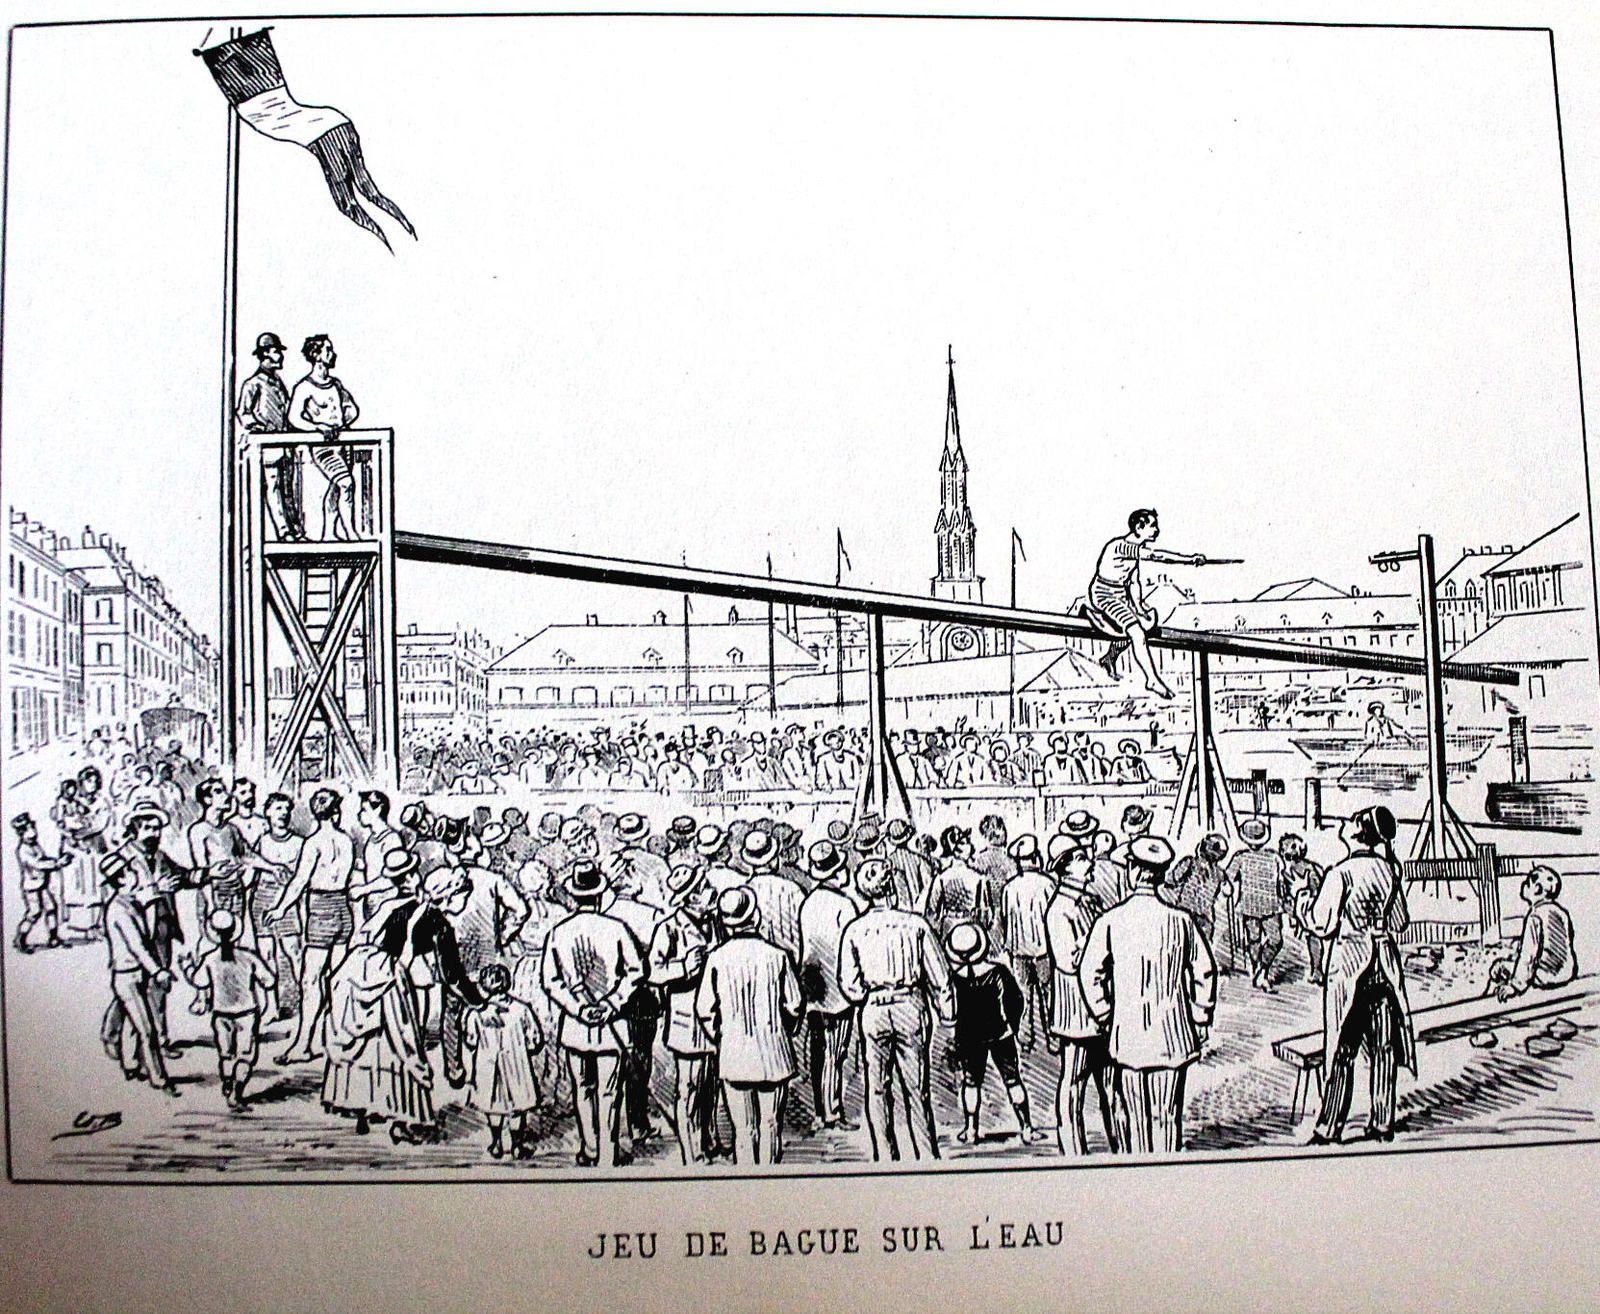 une fête organisée en dehors de Lille, vraisemblablement à Wazemmes dans la deuxième partie du XIX° siècle